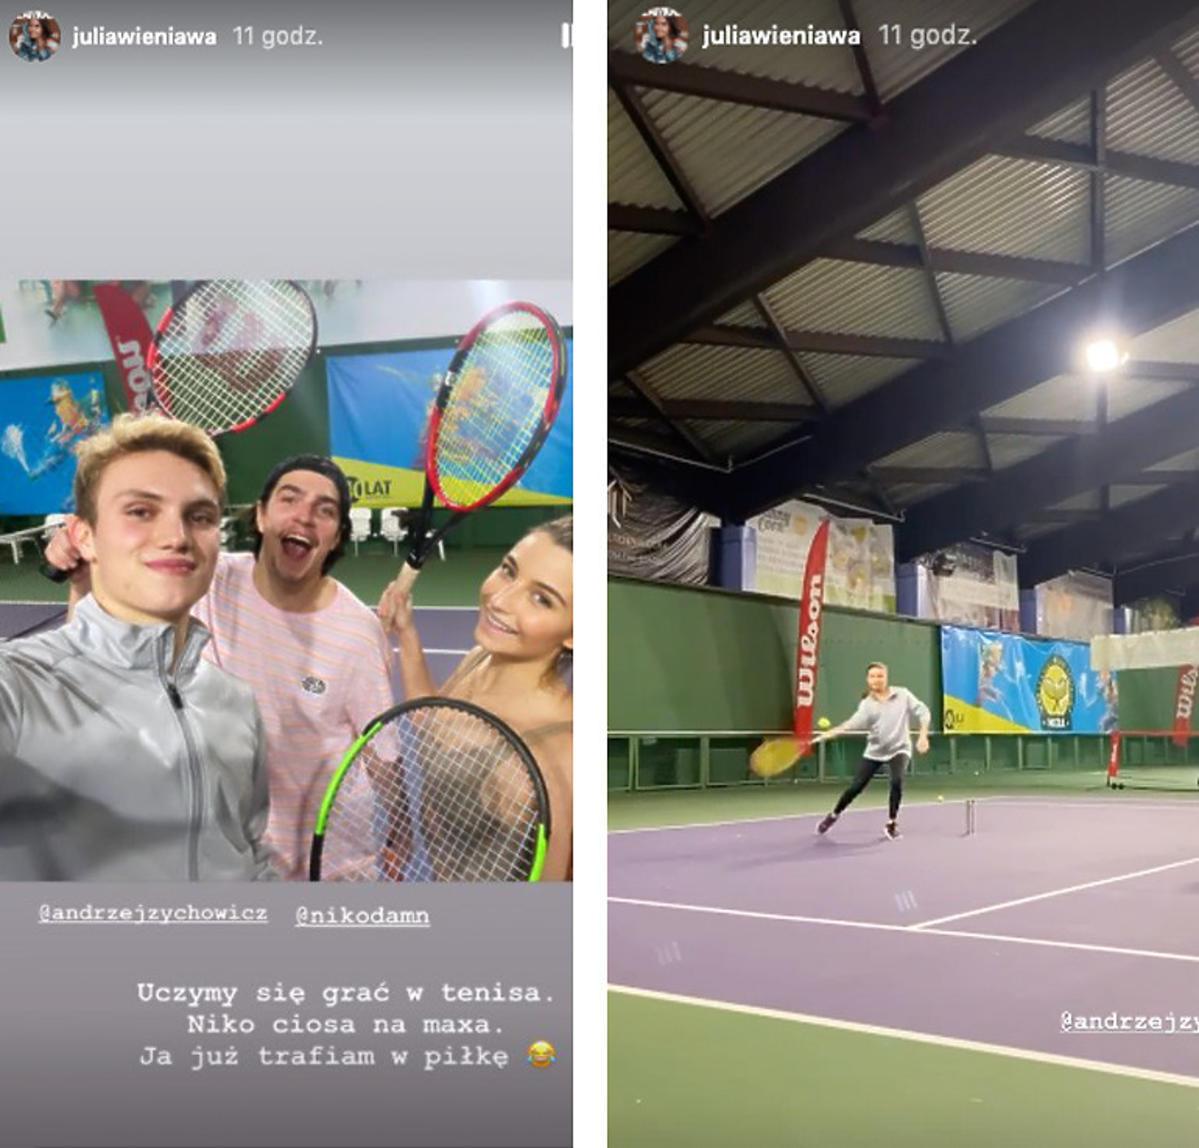 Julia Wieniawa i Nikodem Rozbicki grają w tenisa